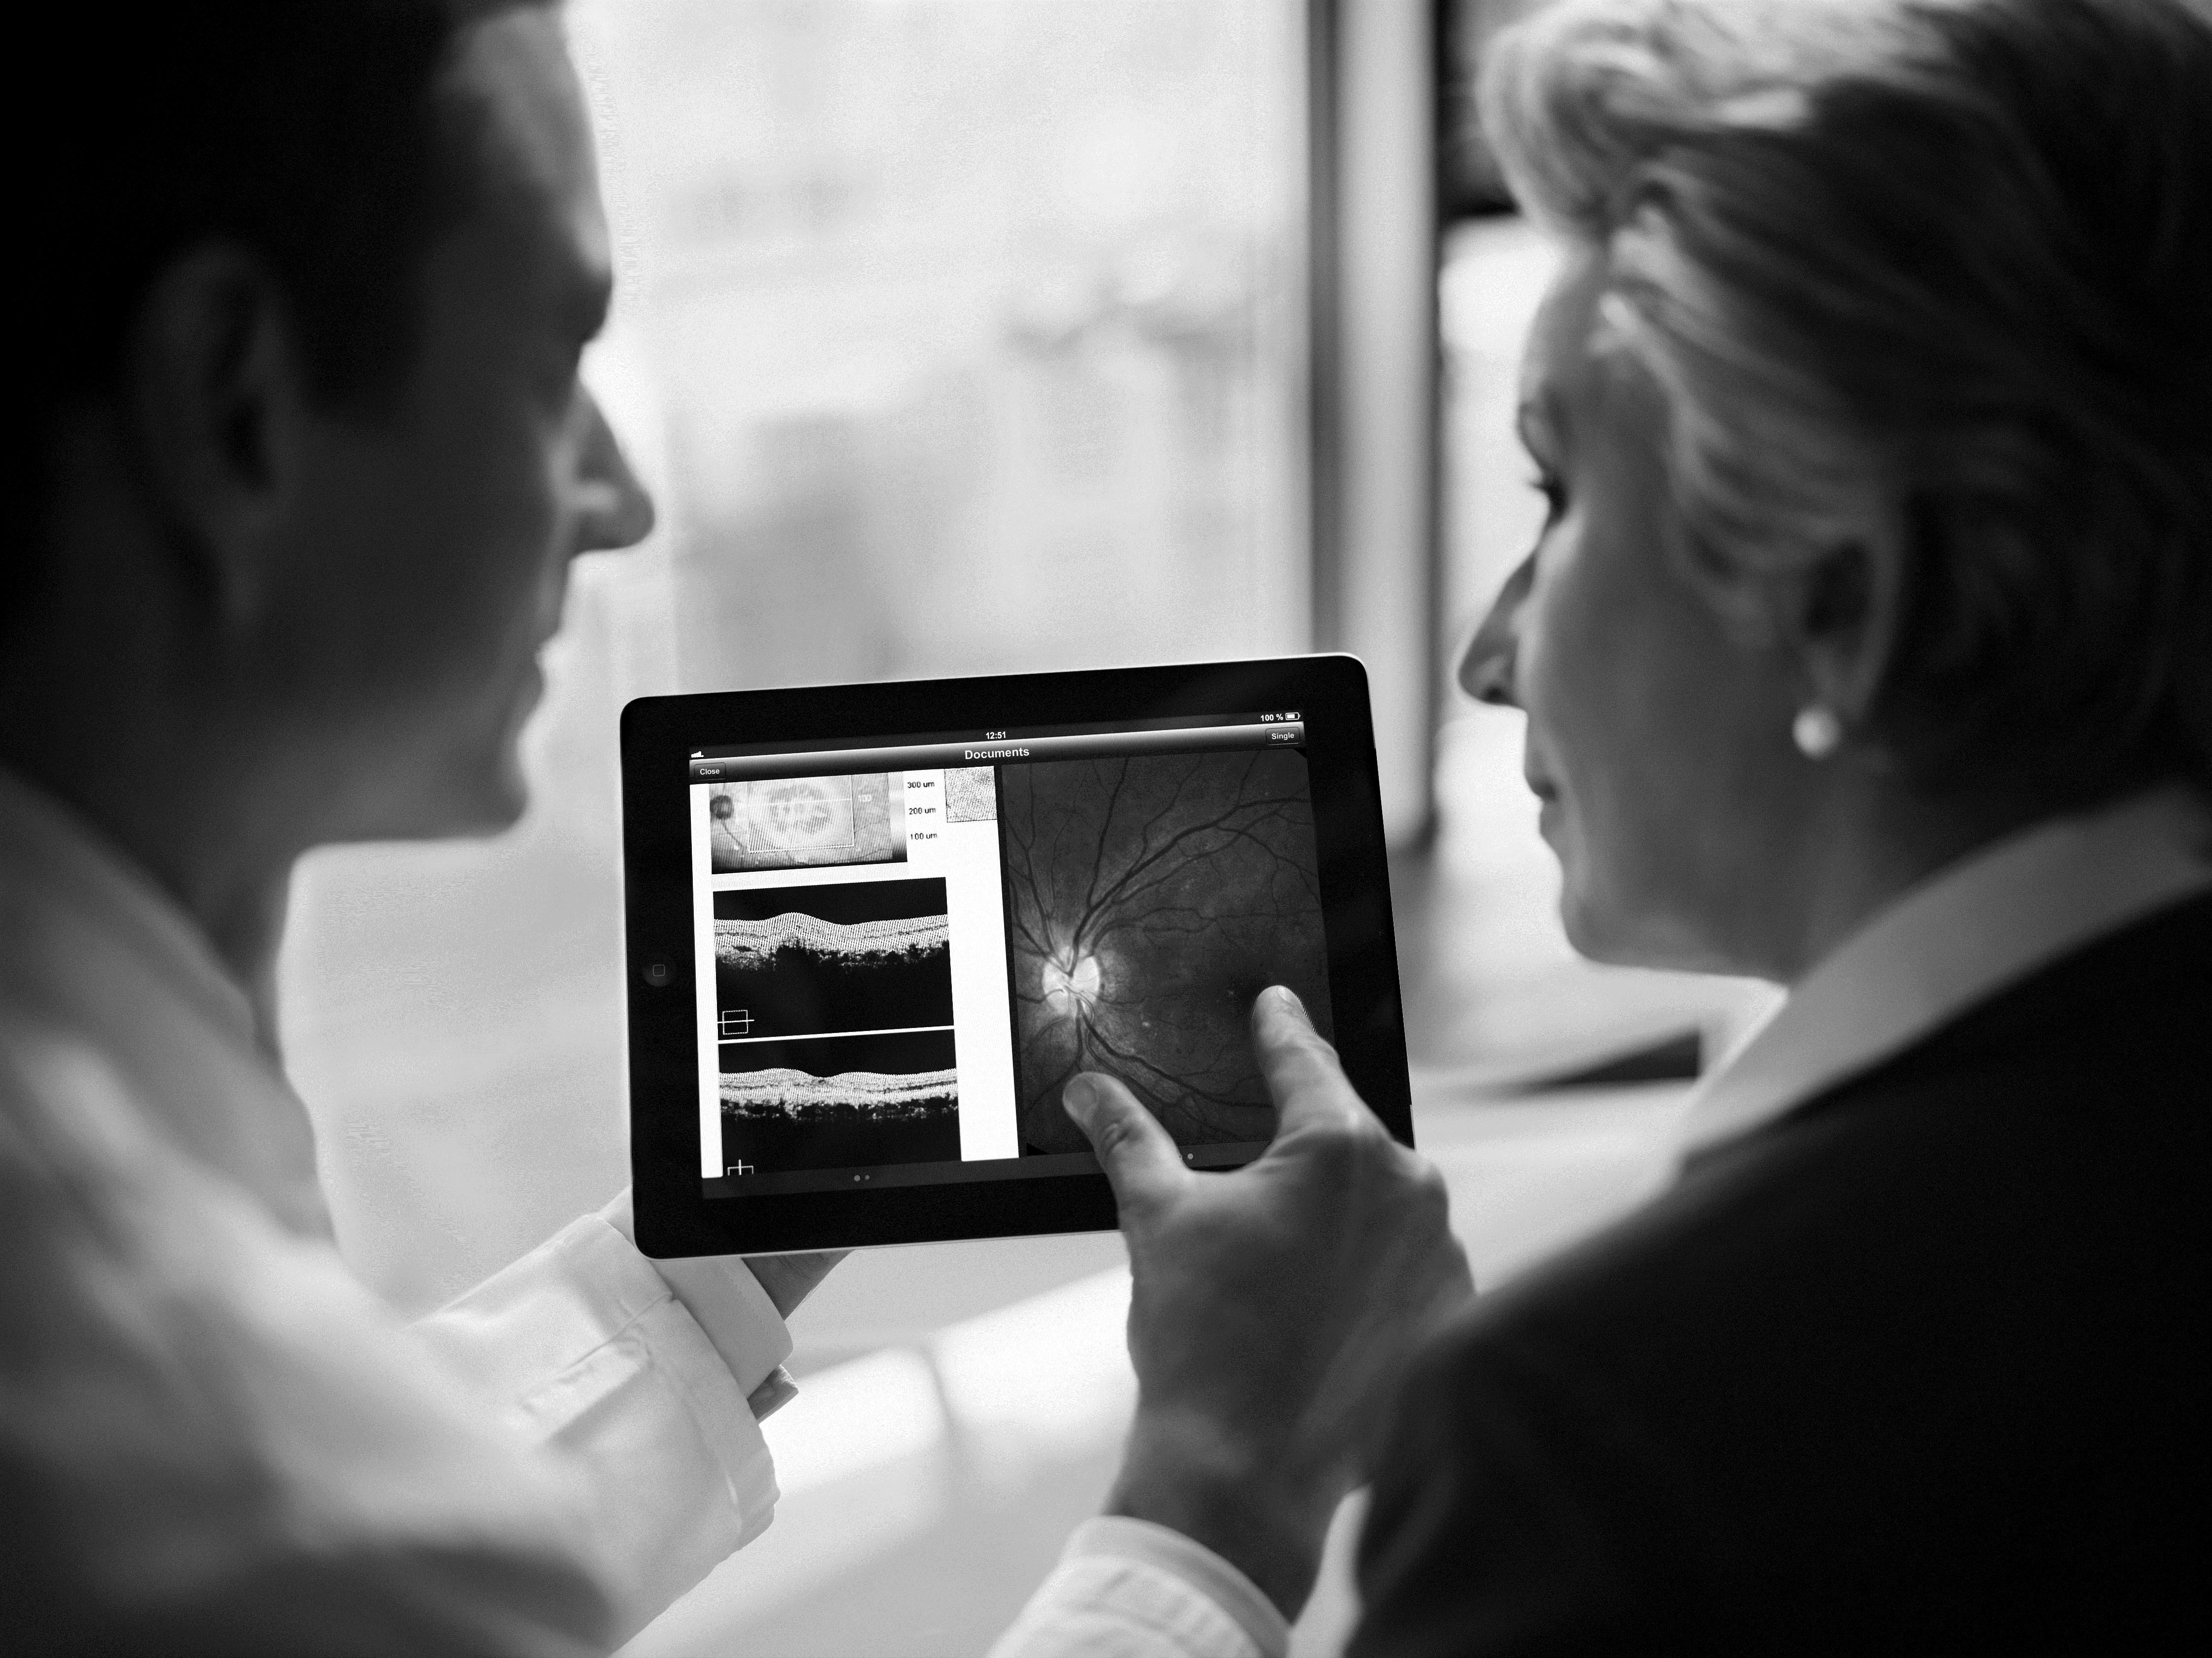 FORUM® Viewer App Makes Diagnostic Patient Data Available